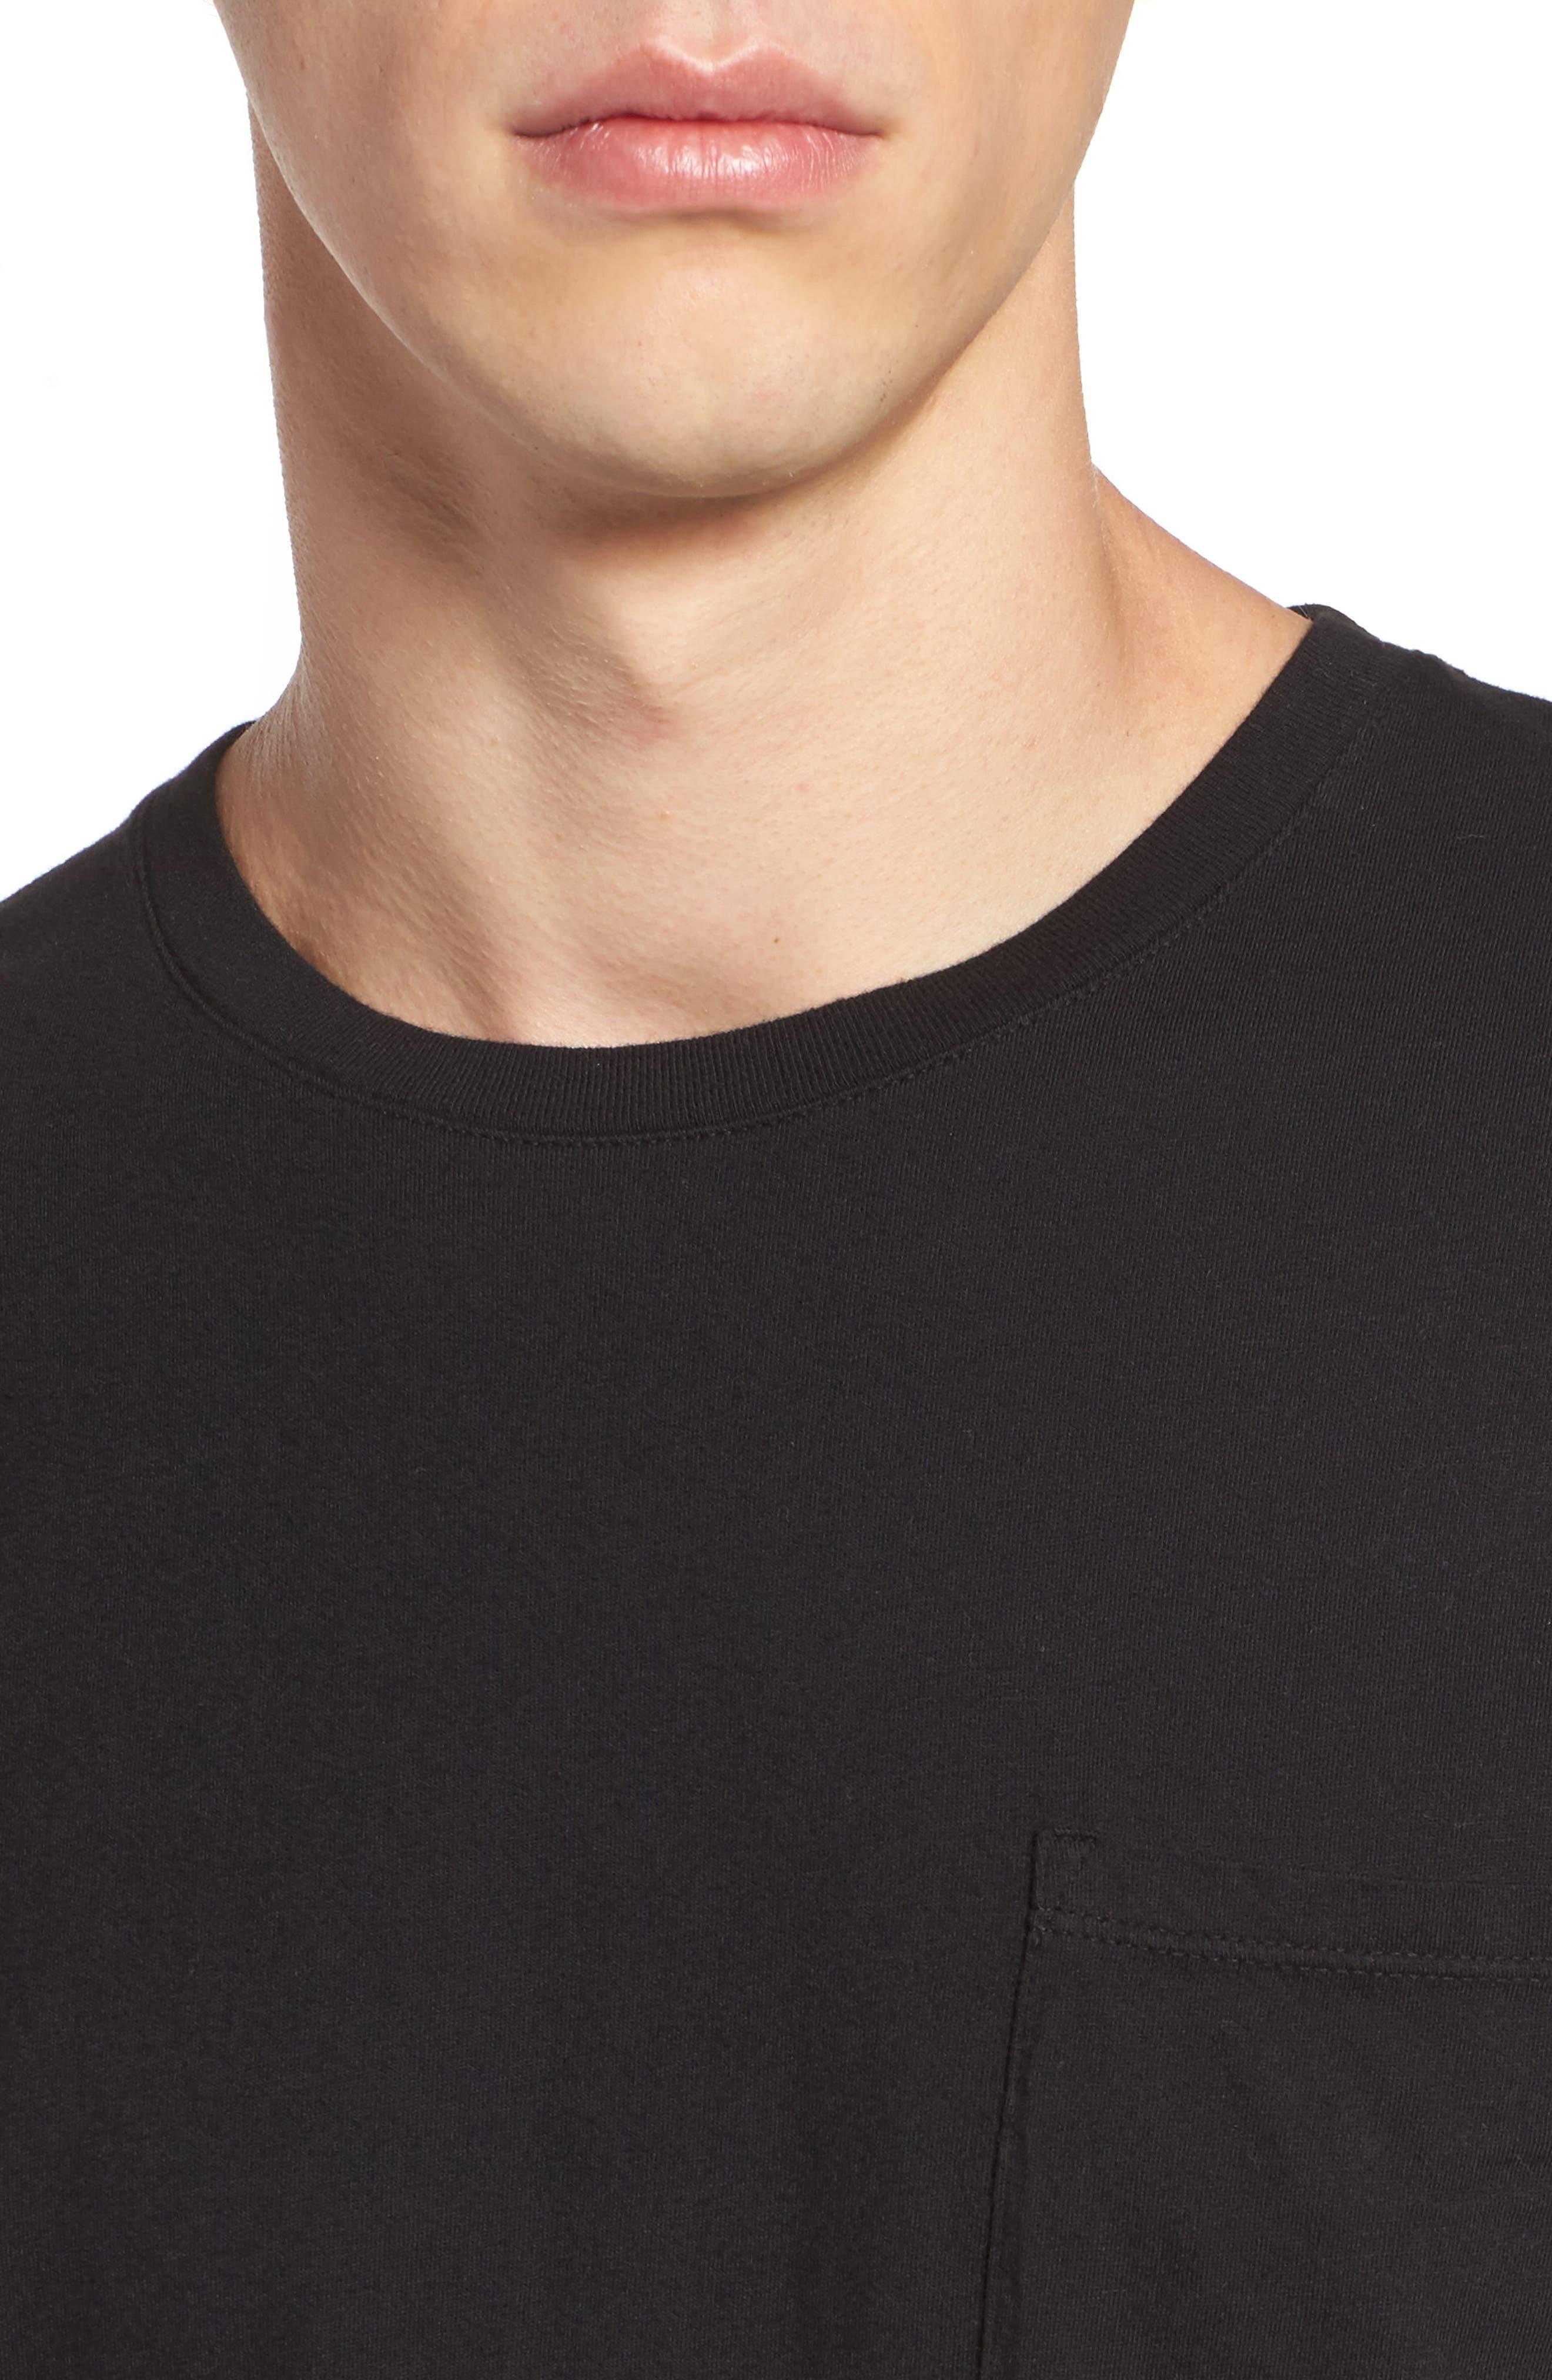 Lounge Pocket T-Shirt,                             Alternate thumbnail 4, color,                             BLACK